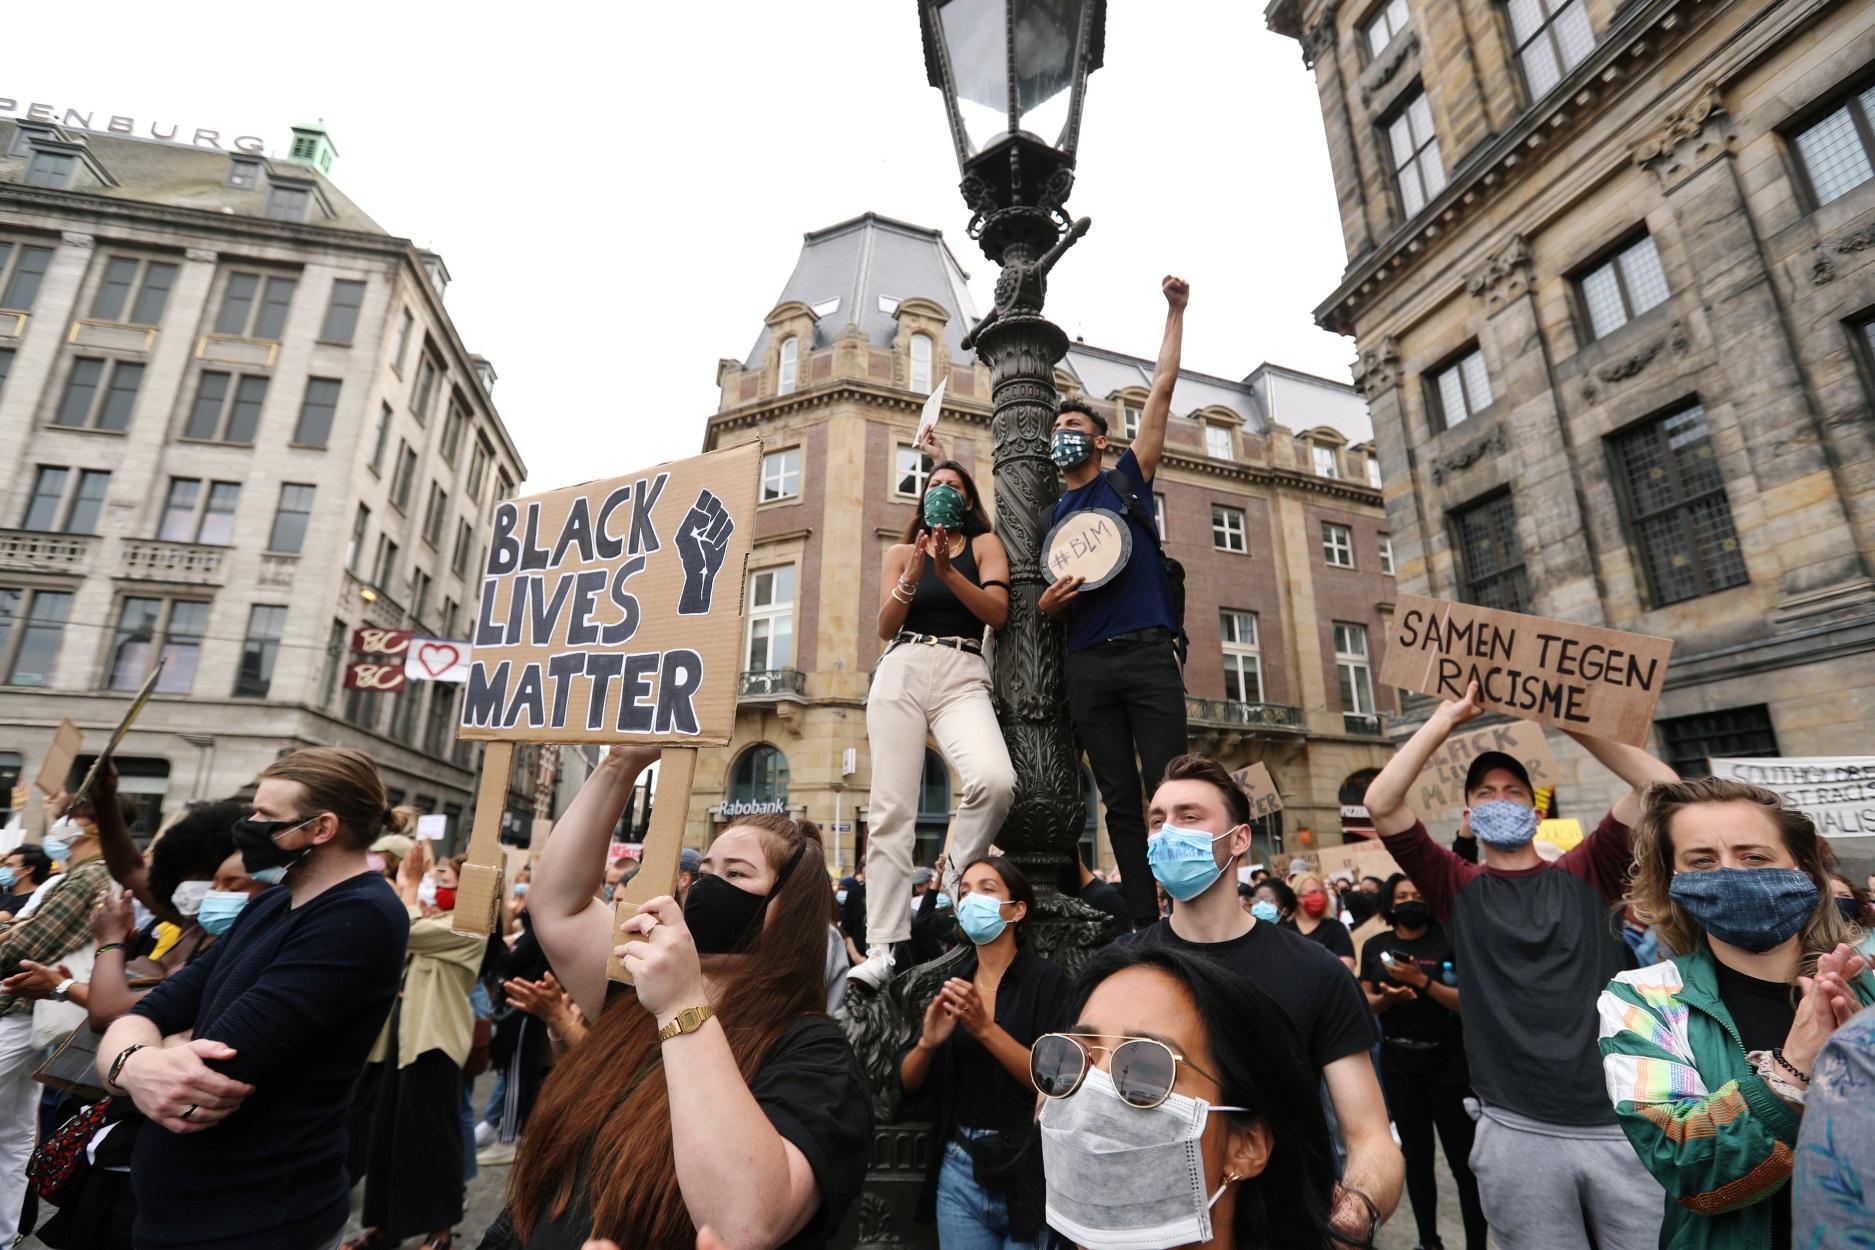 """Ολλανδία: """"Ο ένας πάνω στον άλλο"""" στην αντιρατσιστική διαδήλωση για τον Τζορτζ Φλόιντ"""